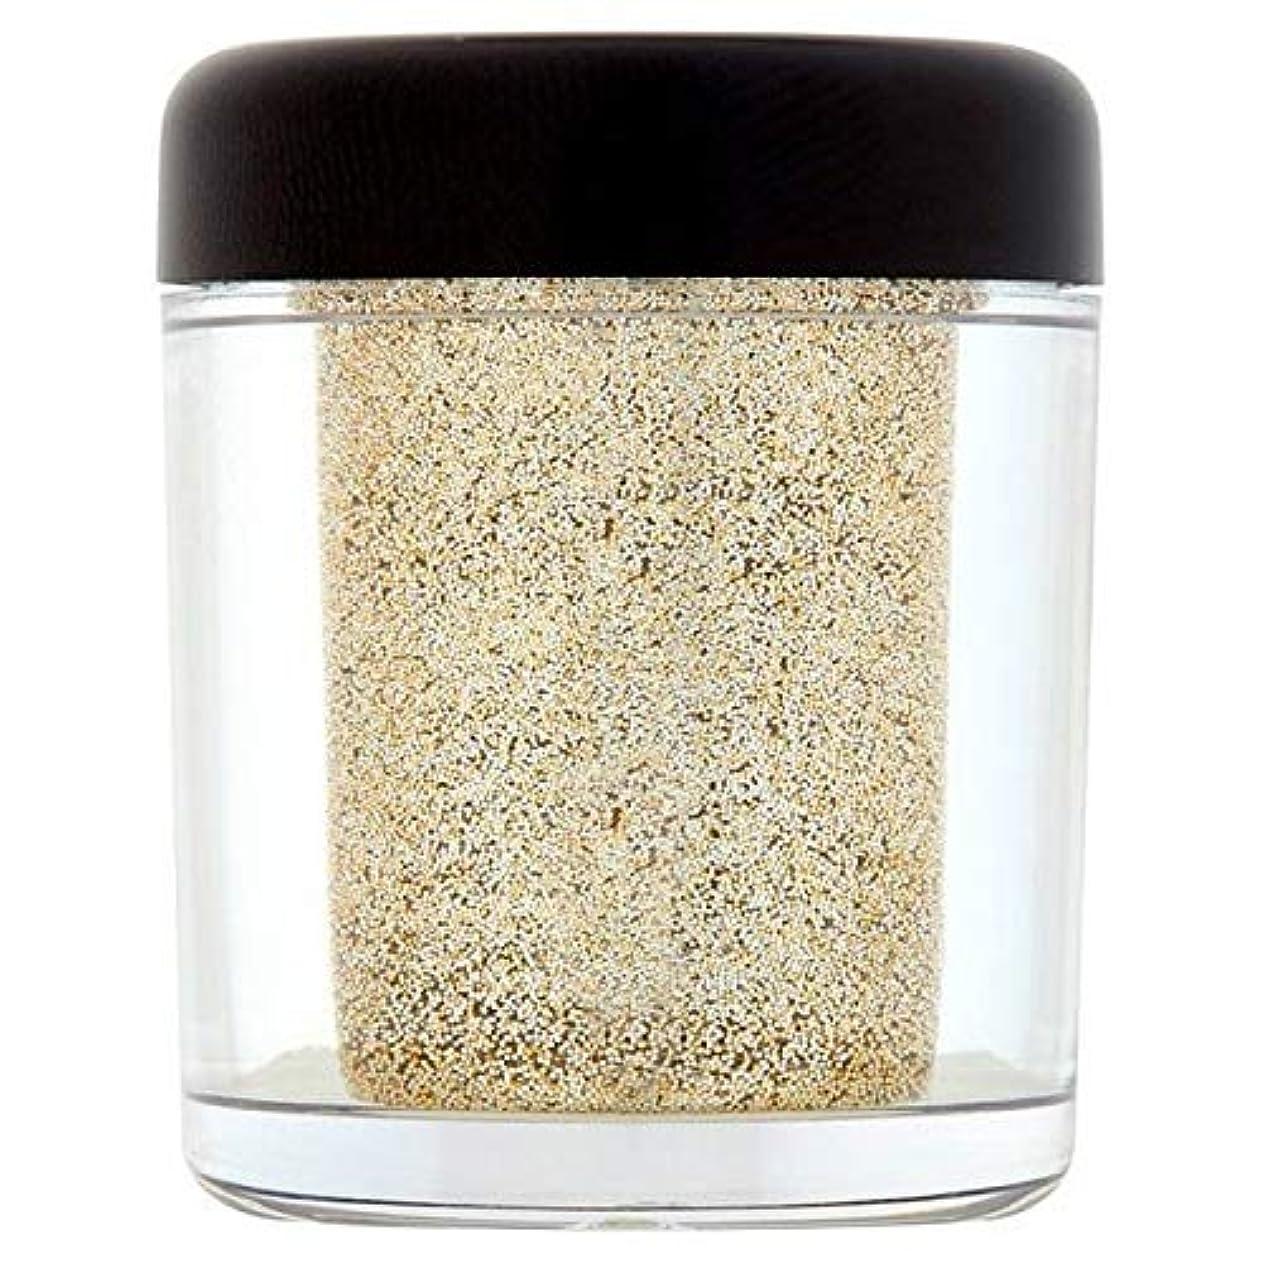 リーク抑圧者マザーランド[Collection ] 収集グラムの結晶は、フェイス&ボディグリッター金目当ての女3 - Collection Glam Crystals Face & Body Glitter Gold Digger 3 [並行輸入品]